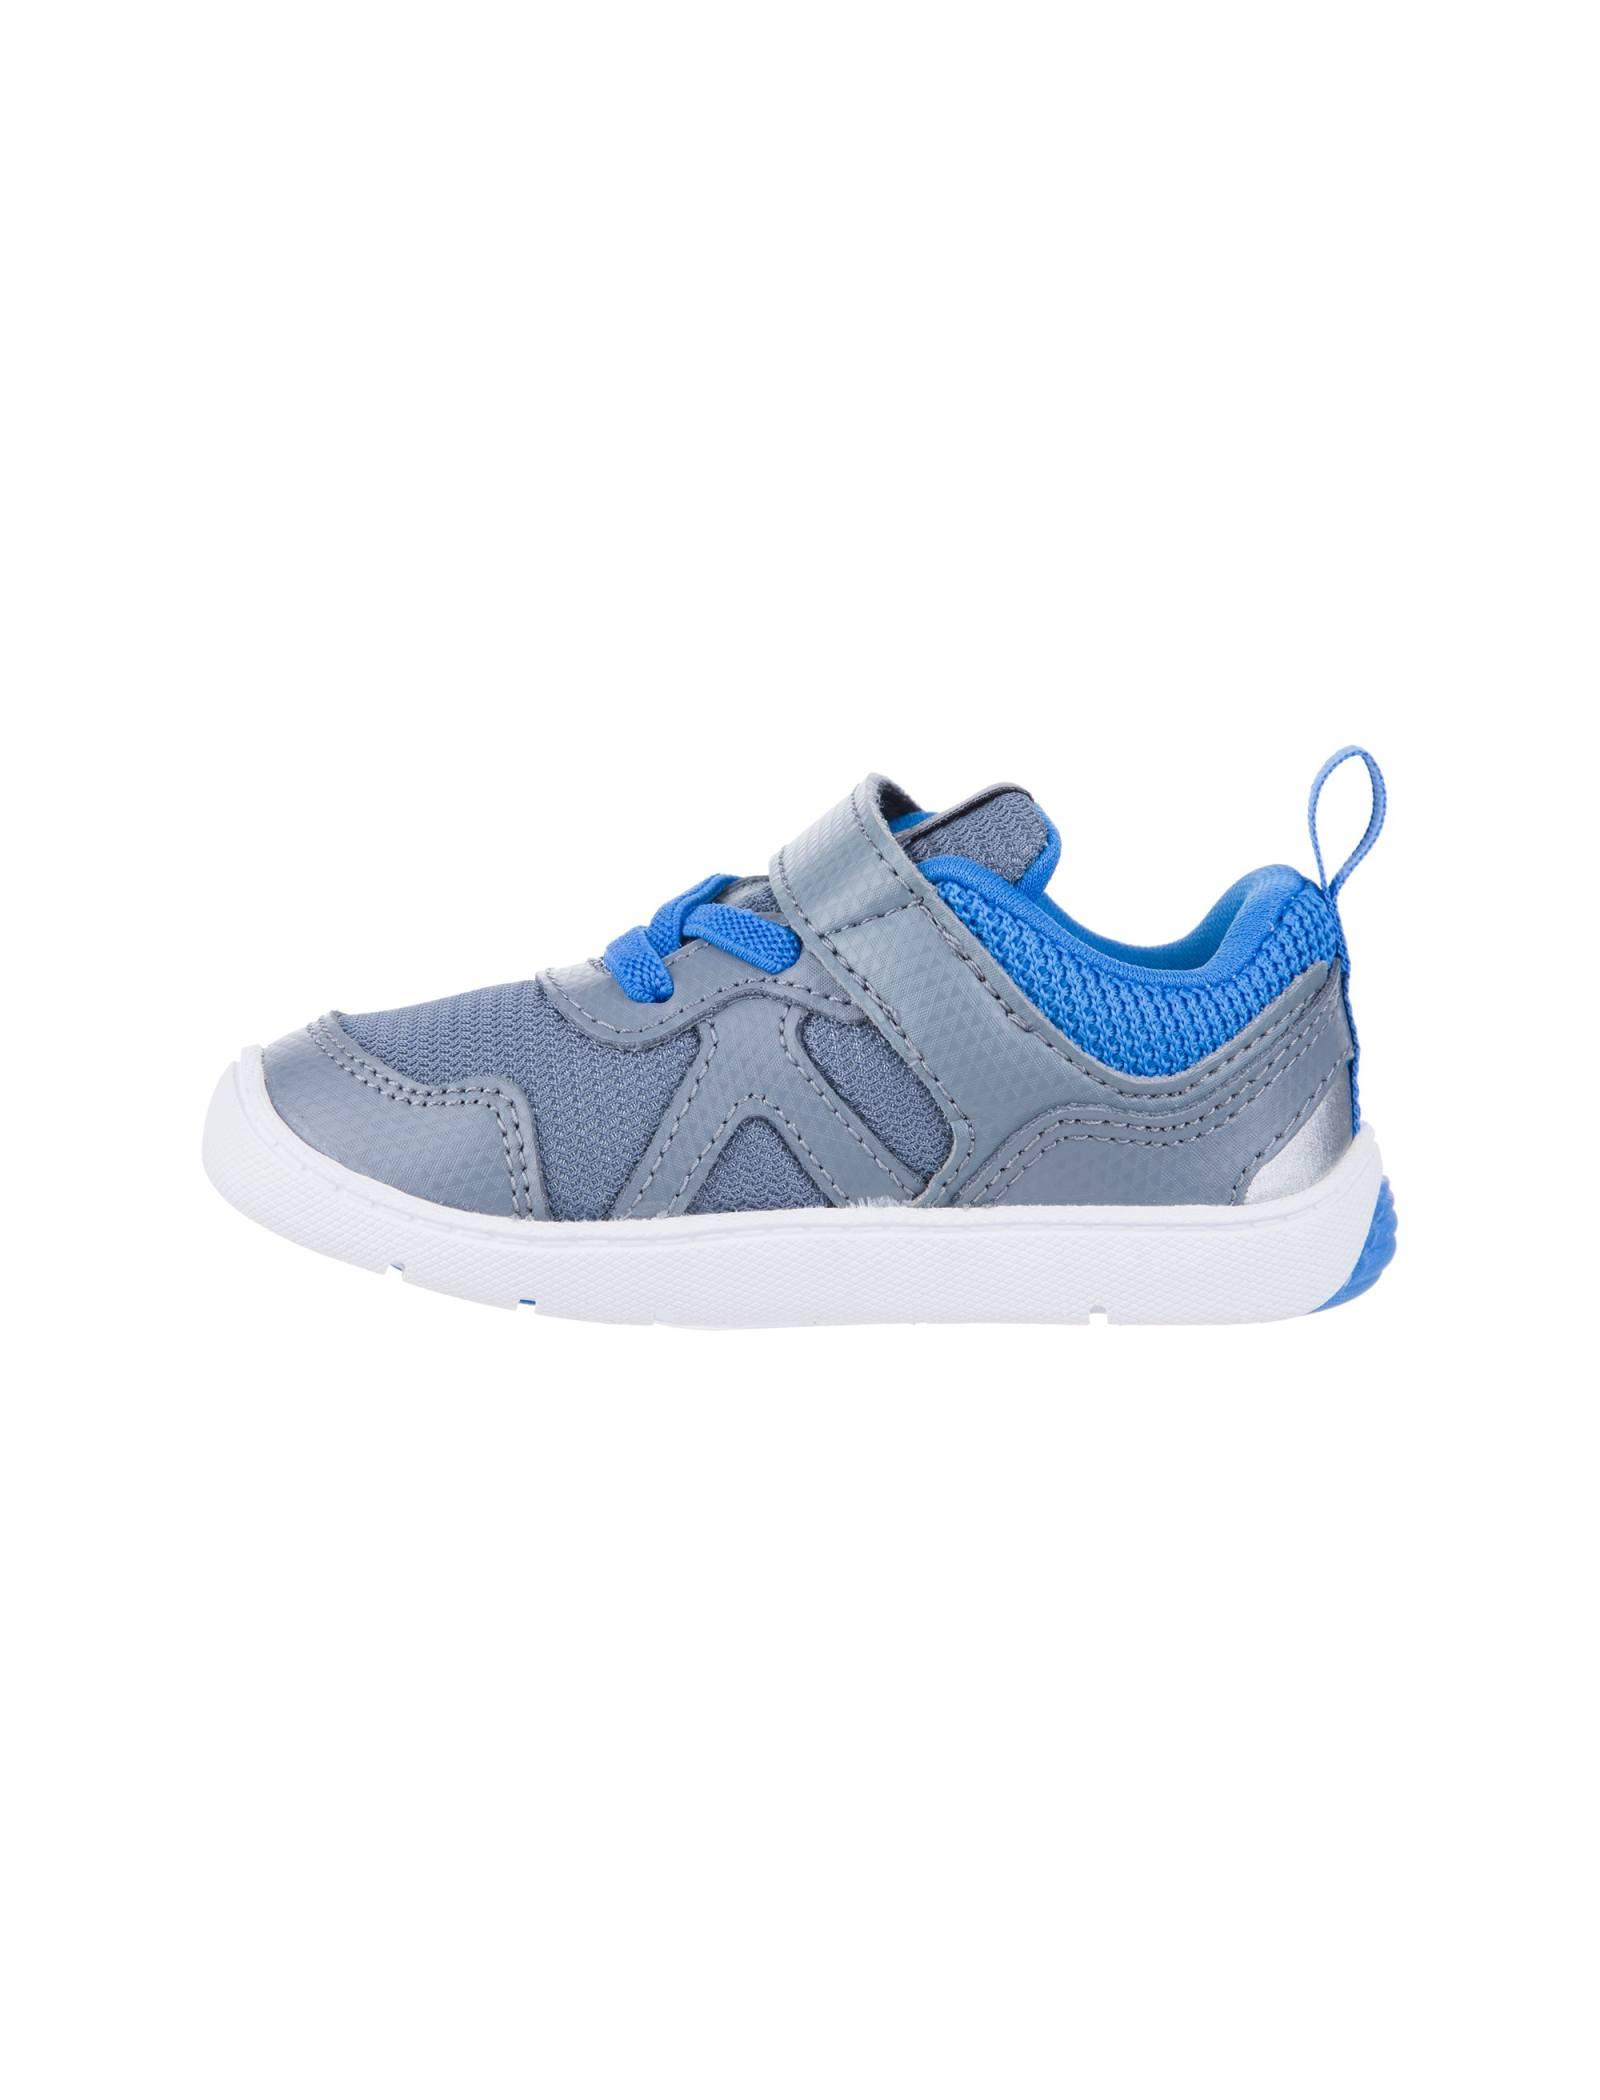 کفش ورزشی بندی پسرانه STRIDE - ریباک -  - 3